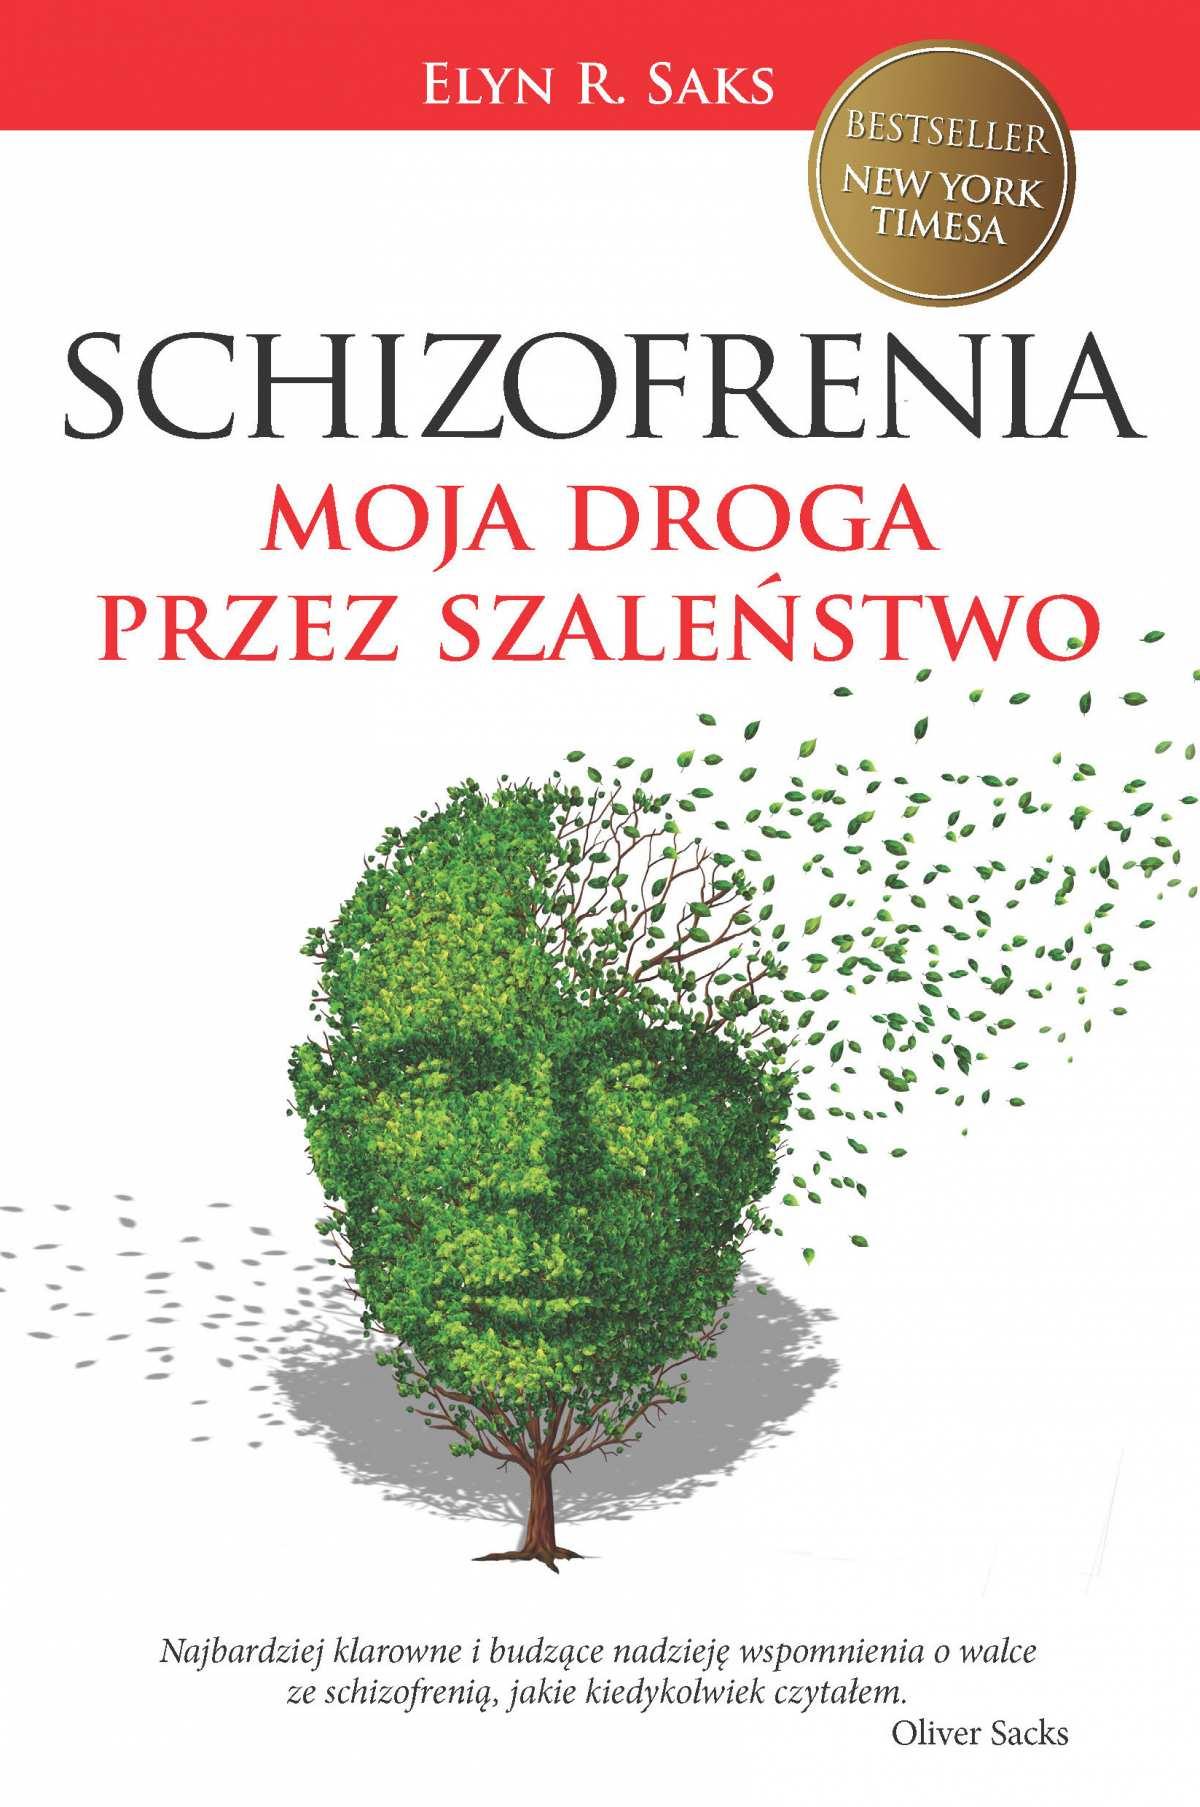 Schizofrenia. Moja droga przez szaleństwo - Ebook (Książka EPUB) do pobrania w formacie EPUB